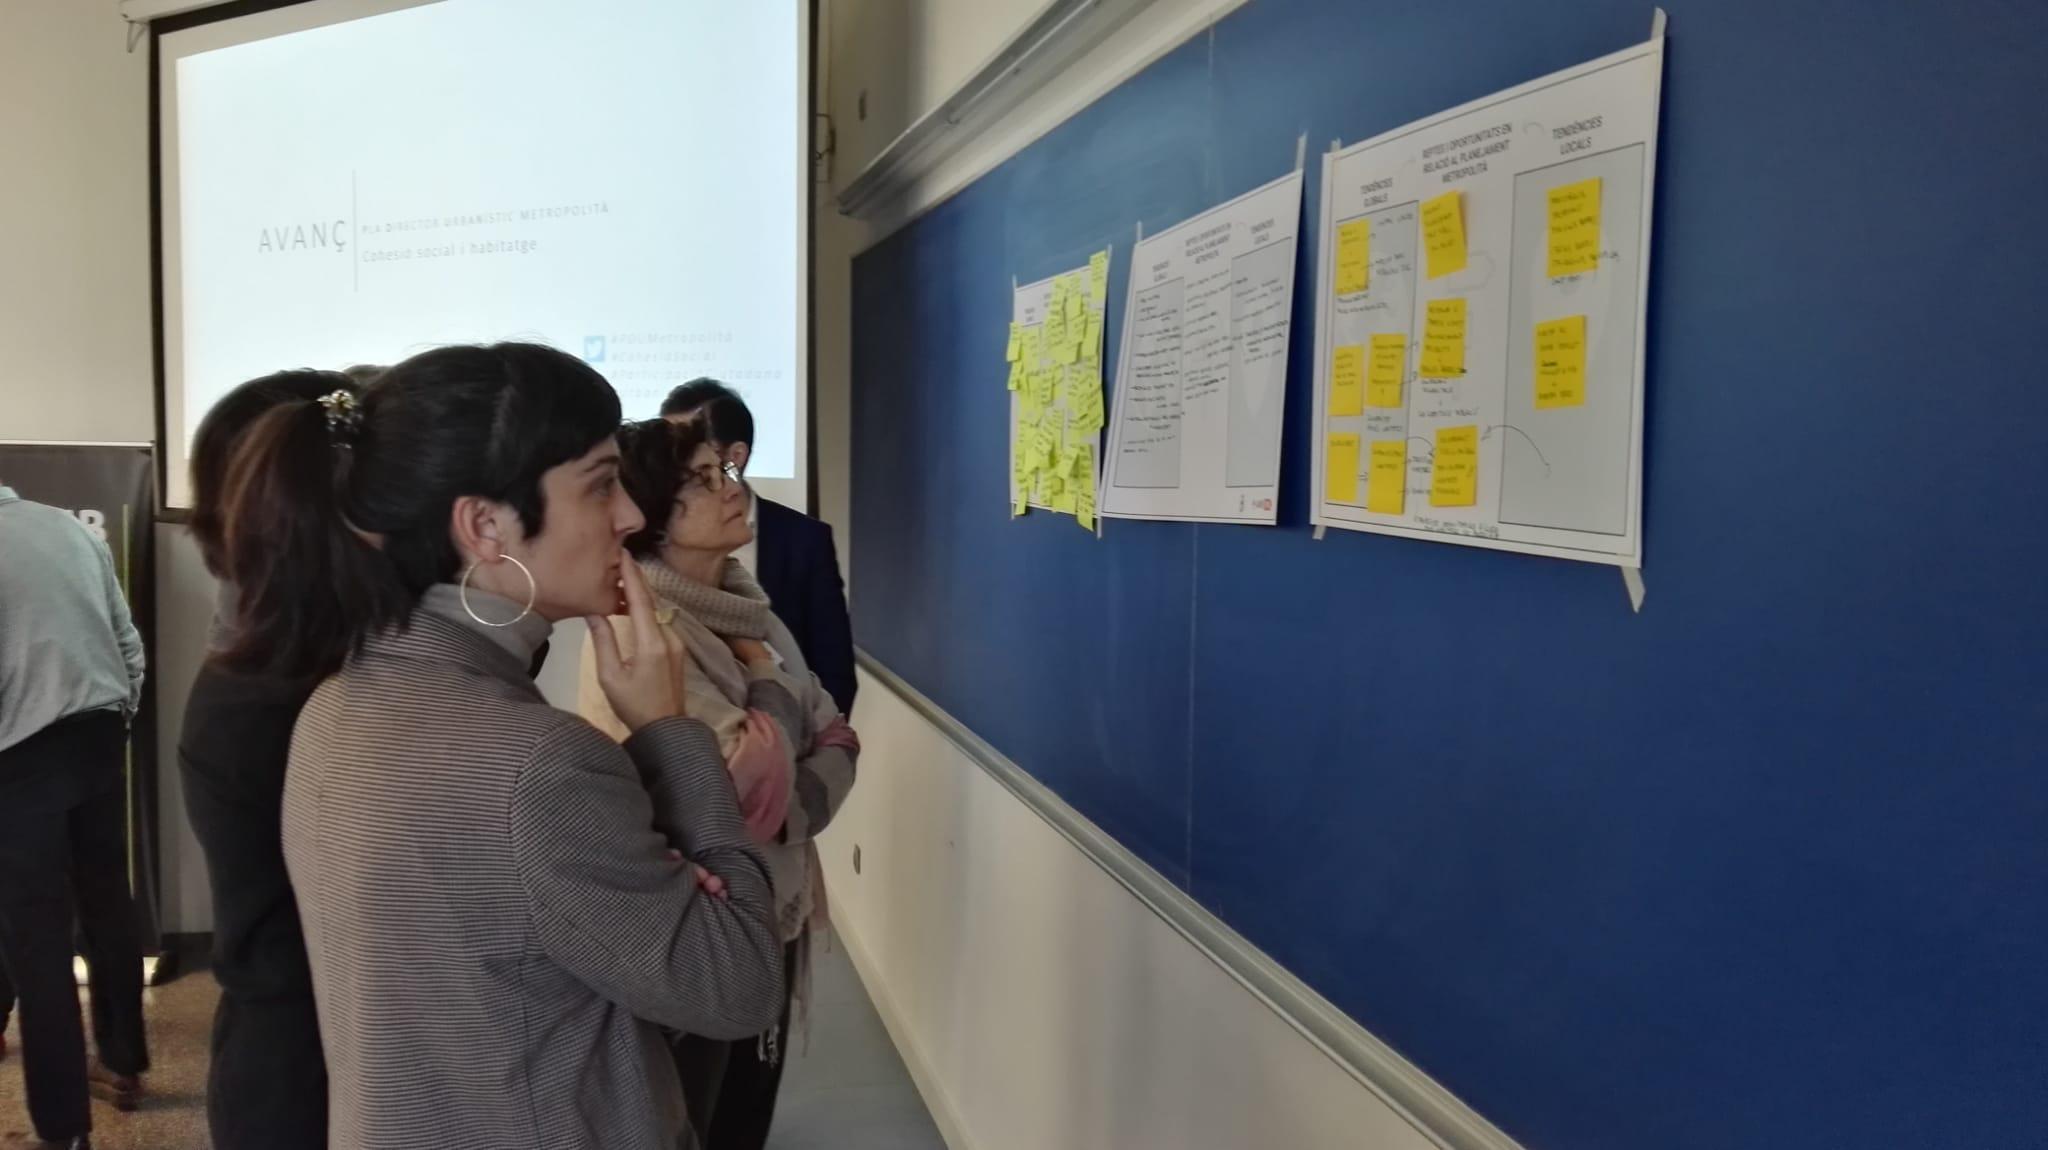 El Campus Diagonal-Besòs acoje la 4a sesión de participación sobre el Avance del PDU Metropolitano coorganizada por el PEMB y el equipo AMB-PDU